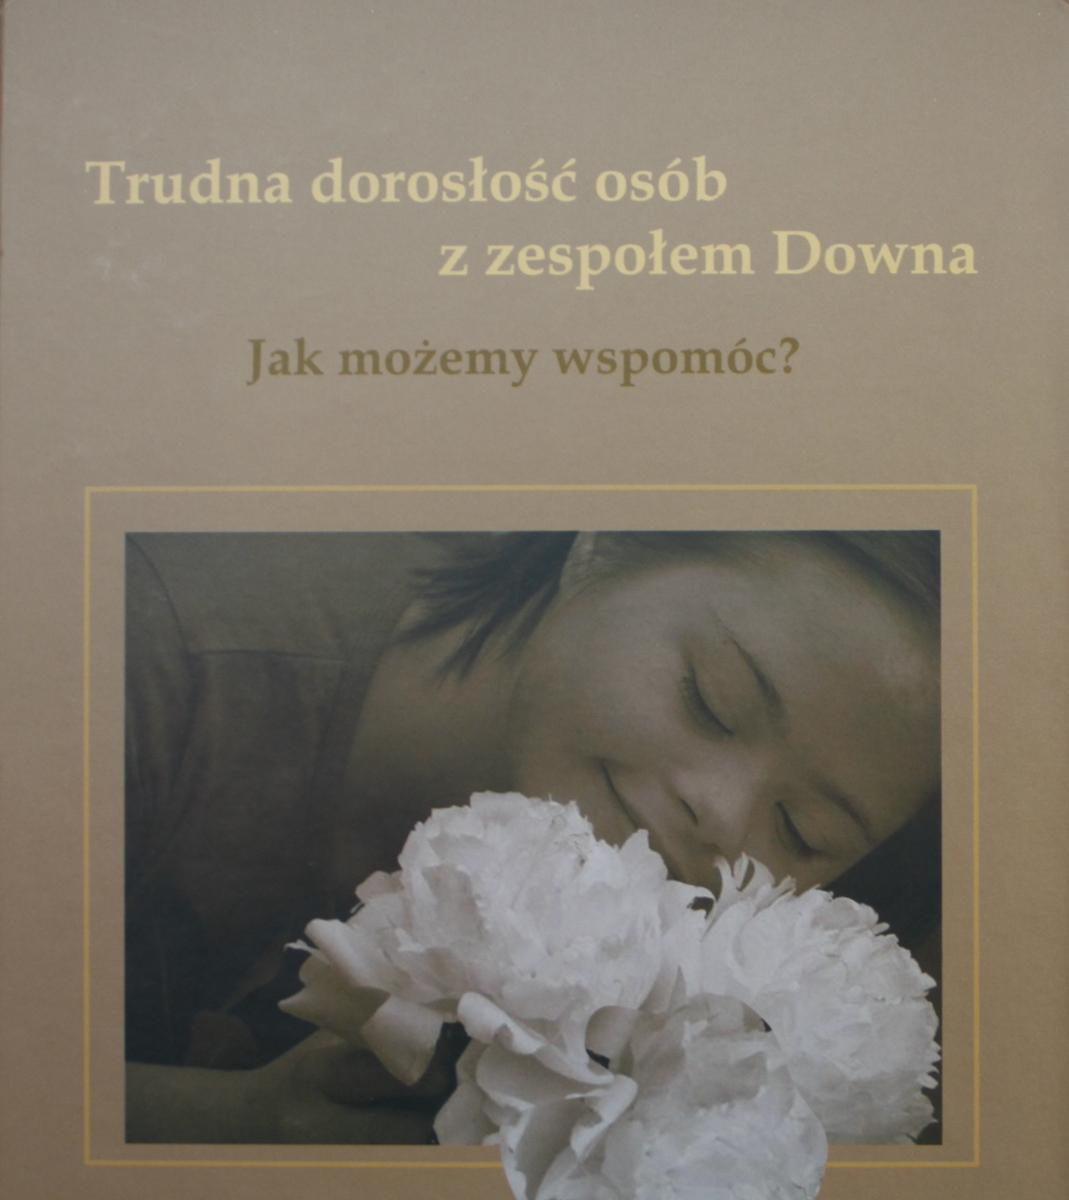 okładka książki Trudna dorosłaść